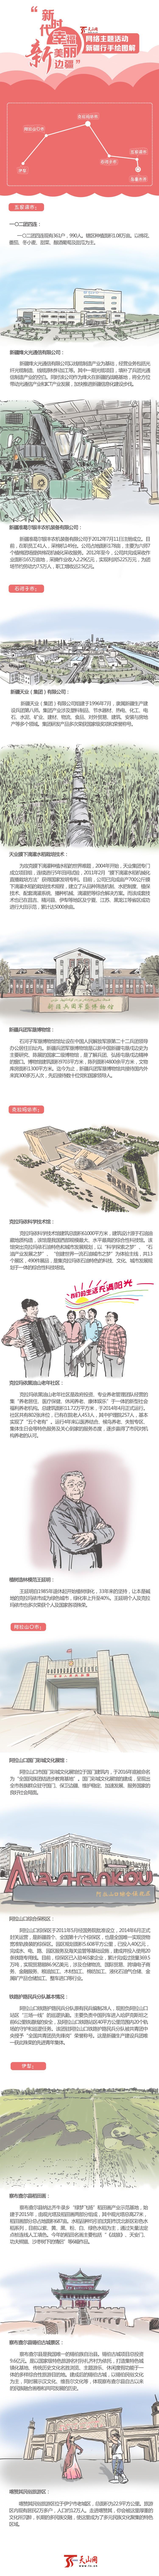 """手绘图解:""""新时代·幸福美丽新边疆""""网络活动采访团路线攻略"""